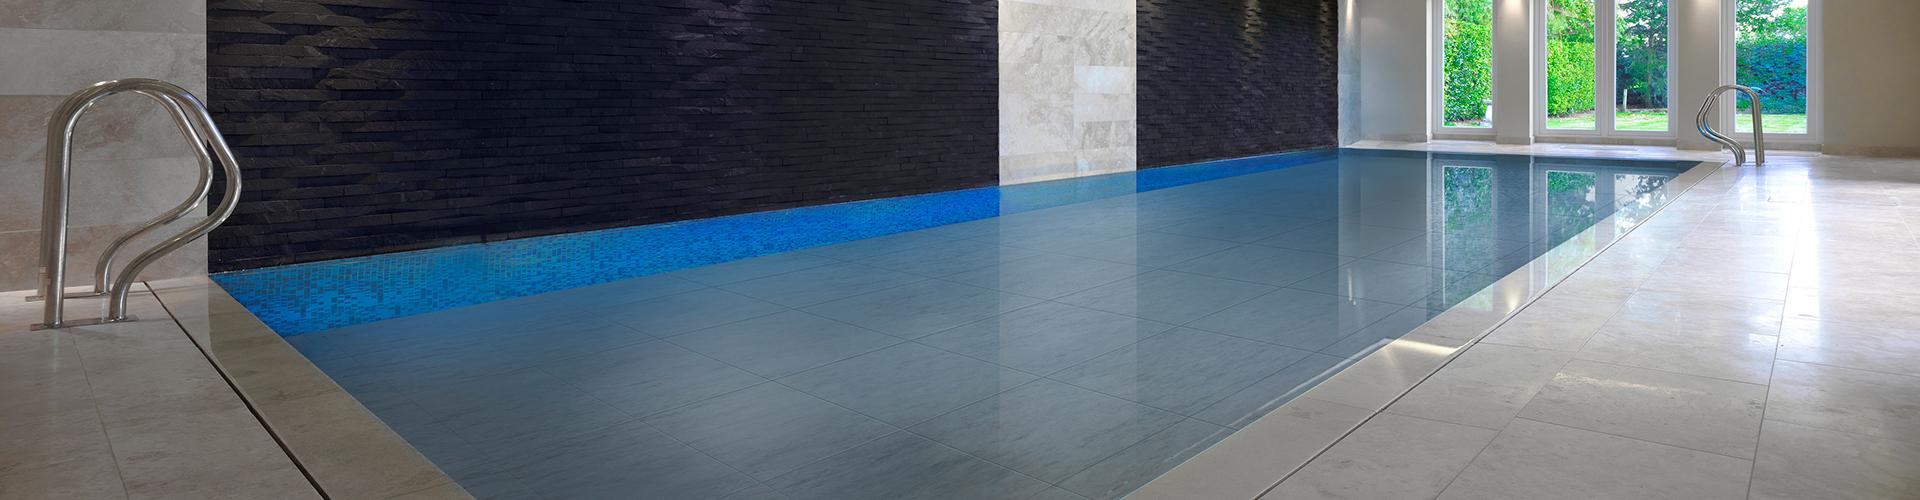 Constructeur de piscine int rieure centerspas for Piscine mur mobile